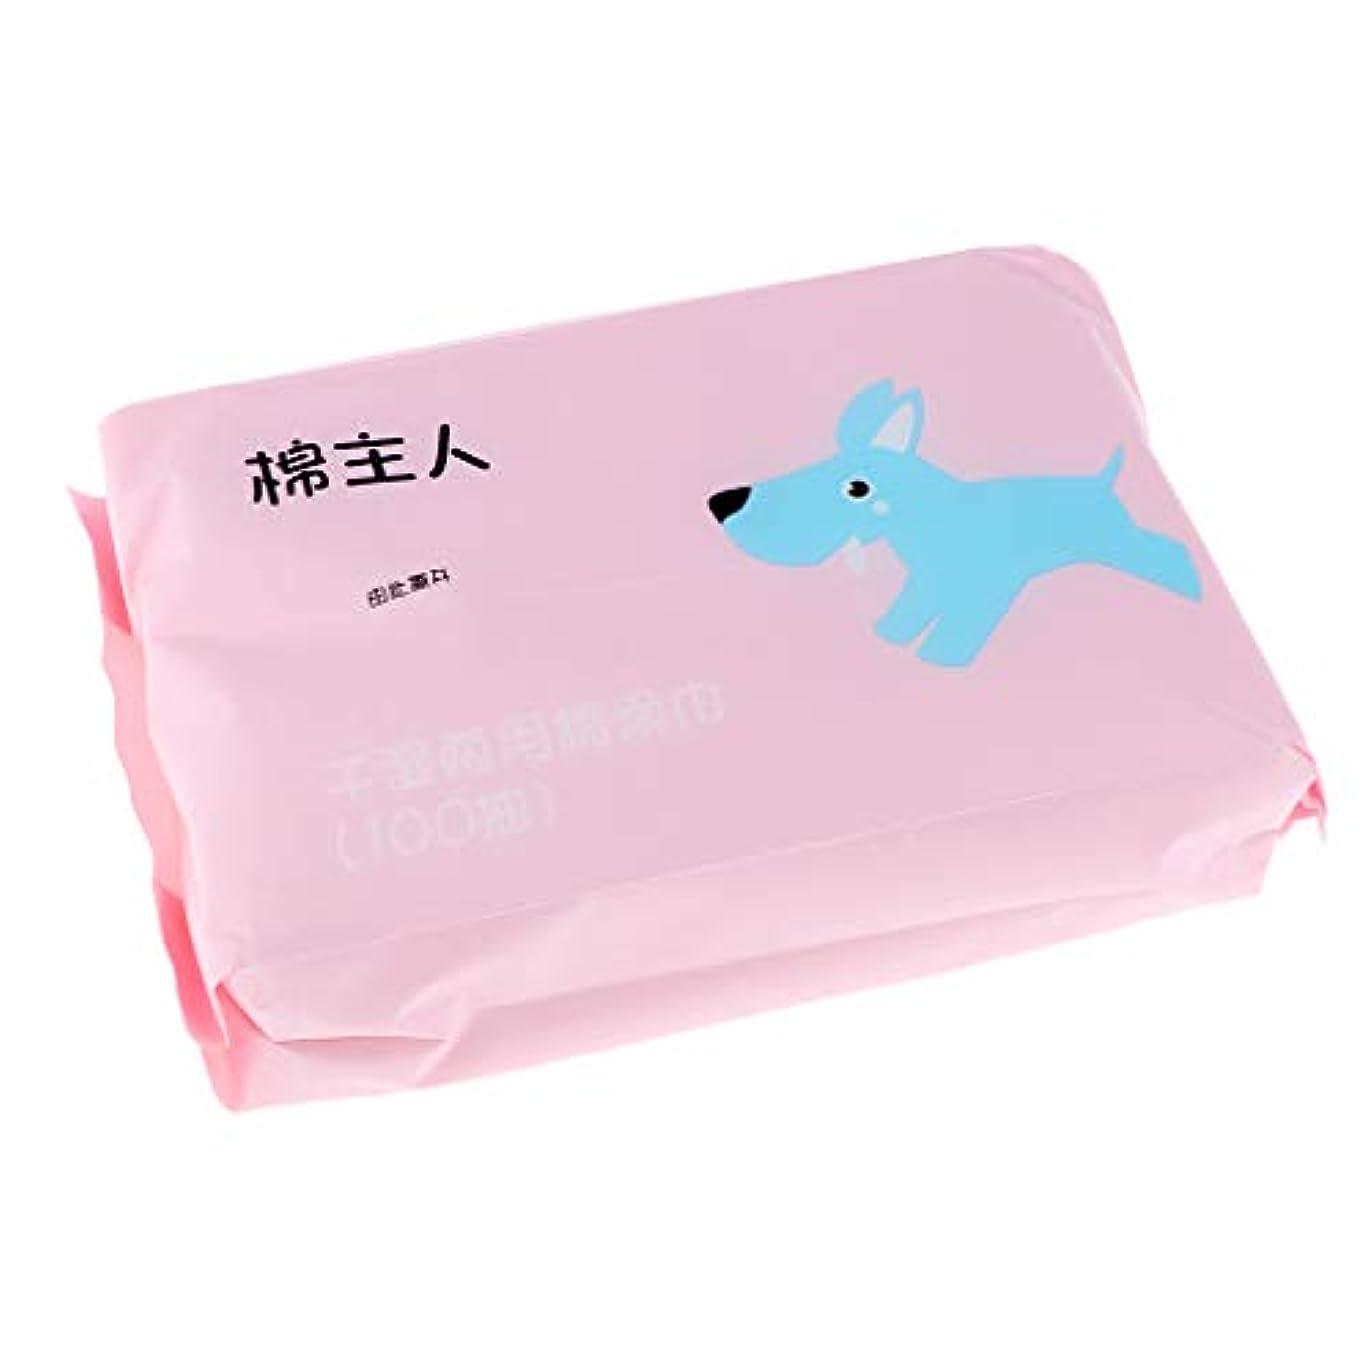 スリップ中間スリップシューズ約100枚 使い捨て クレンジングシート ソフト 2色選べ - ピンク